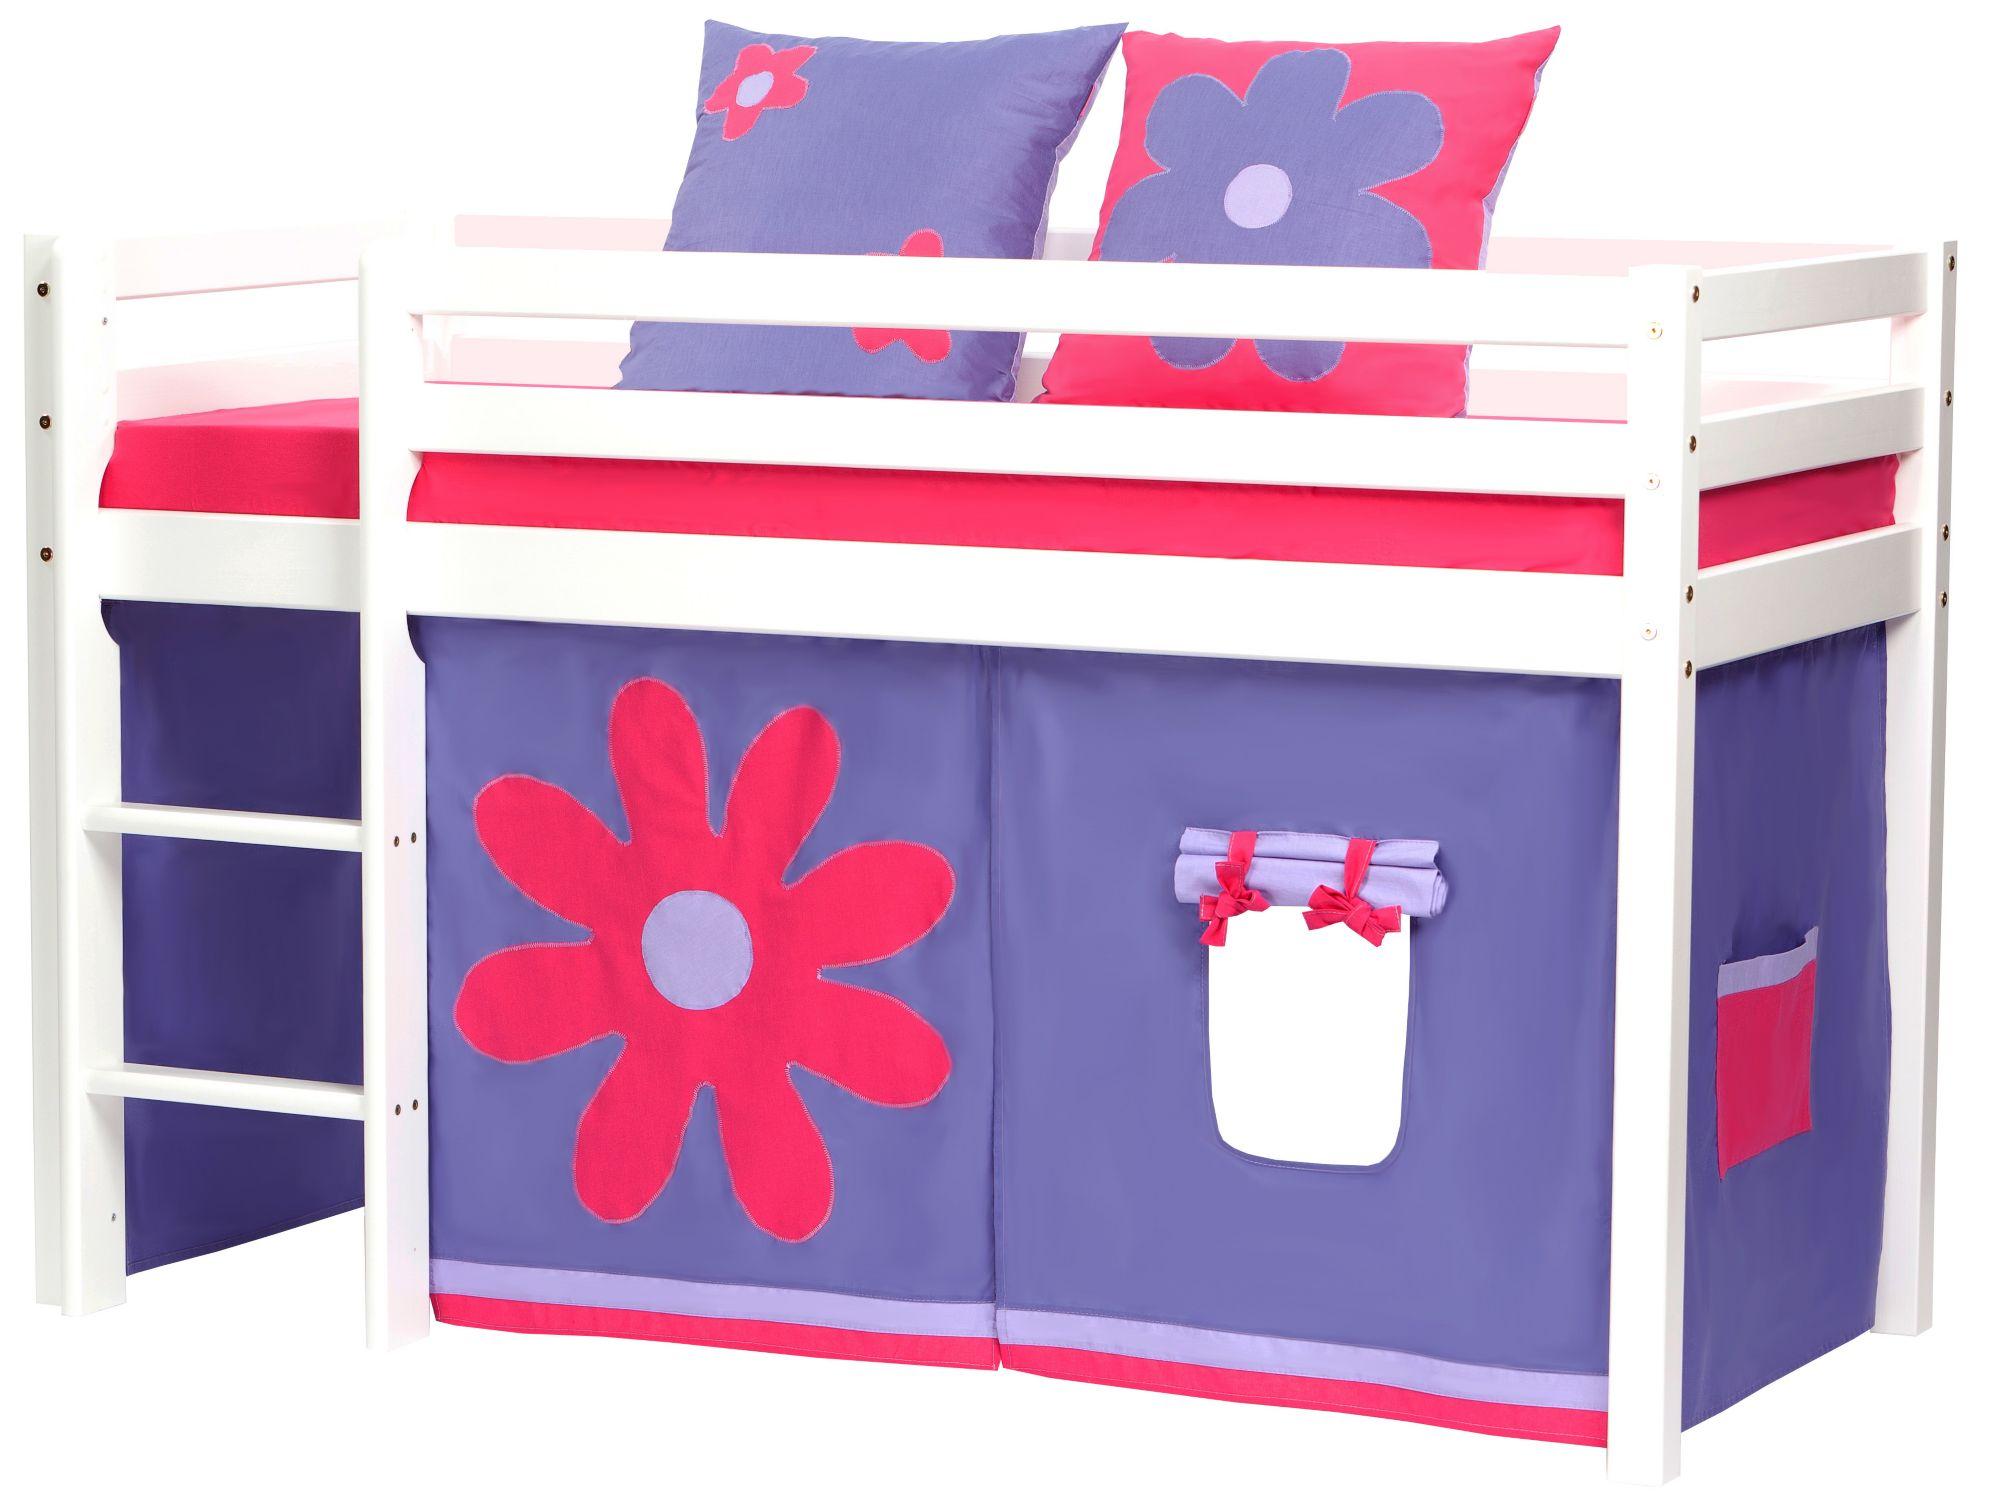 hochbetten im schwab online shop kinder kinderbetten. Black Bedroom Furniture Sets. Home Design Ideas